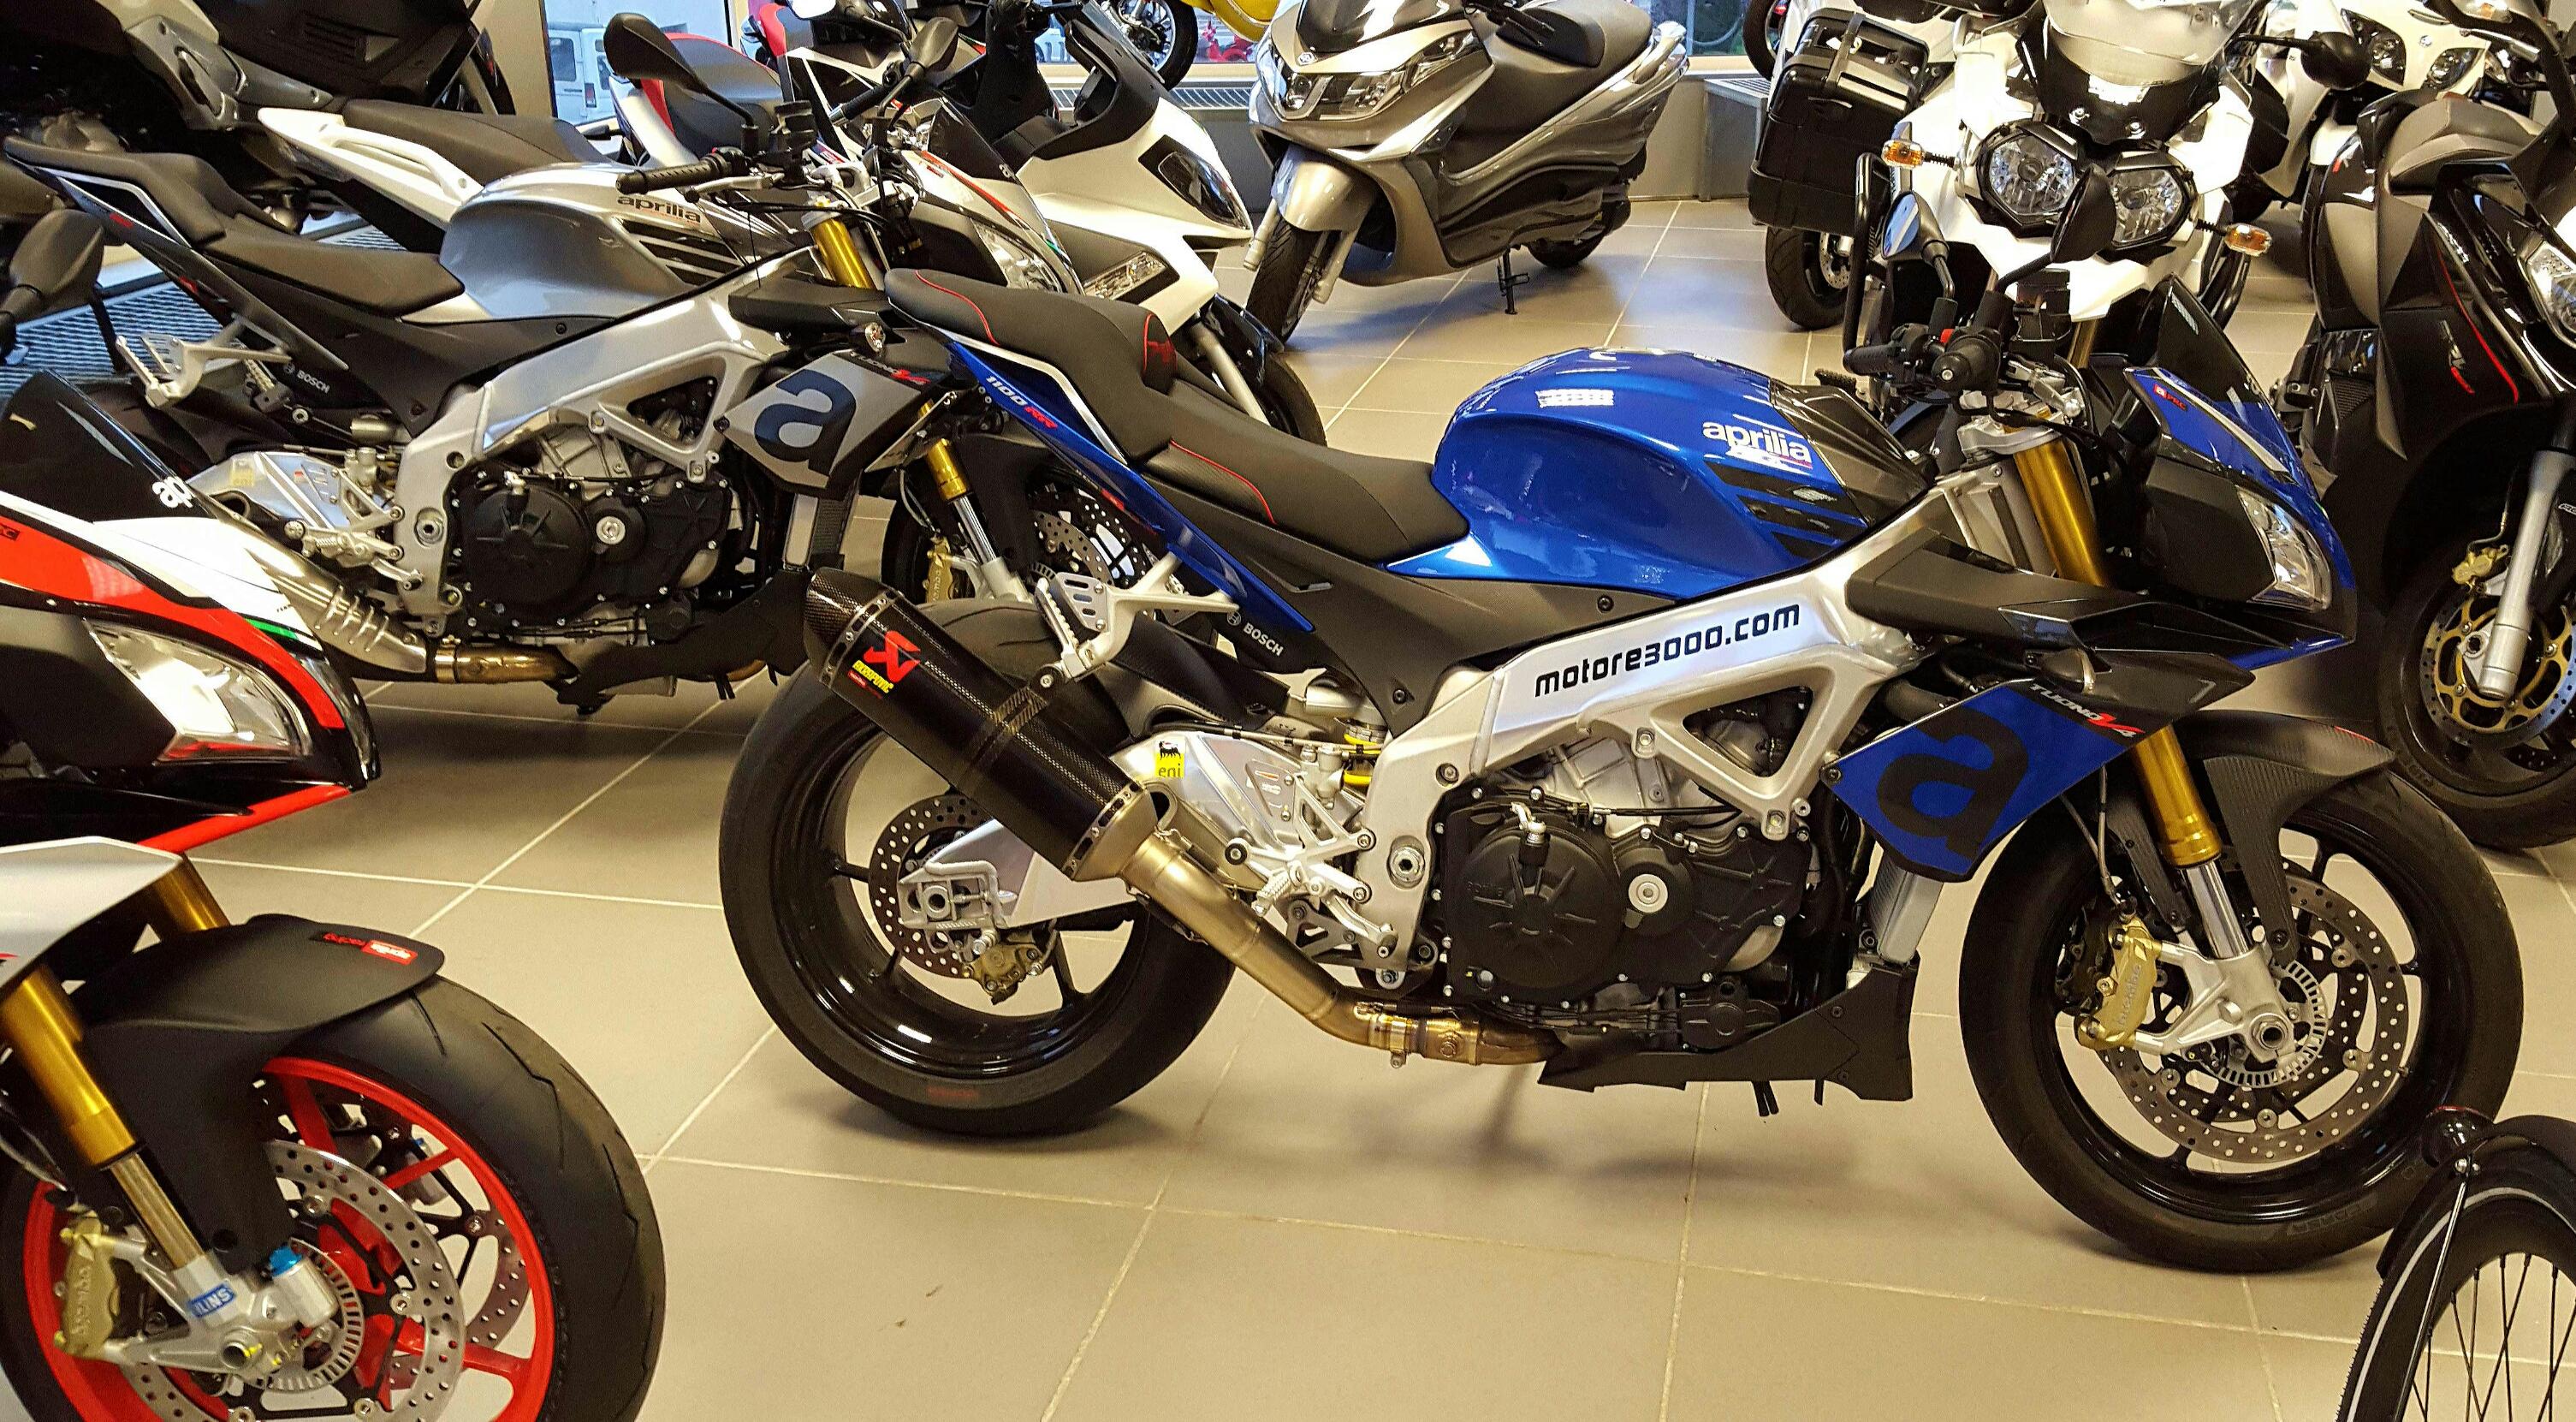 MT09 VS autre motos (test reprises en 3eme) 1456588565-20160225-172848-1